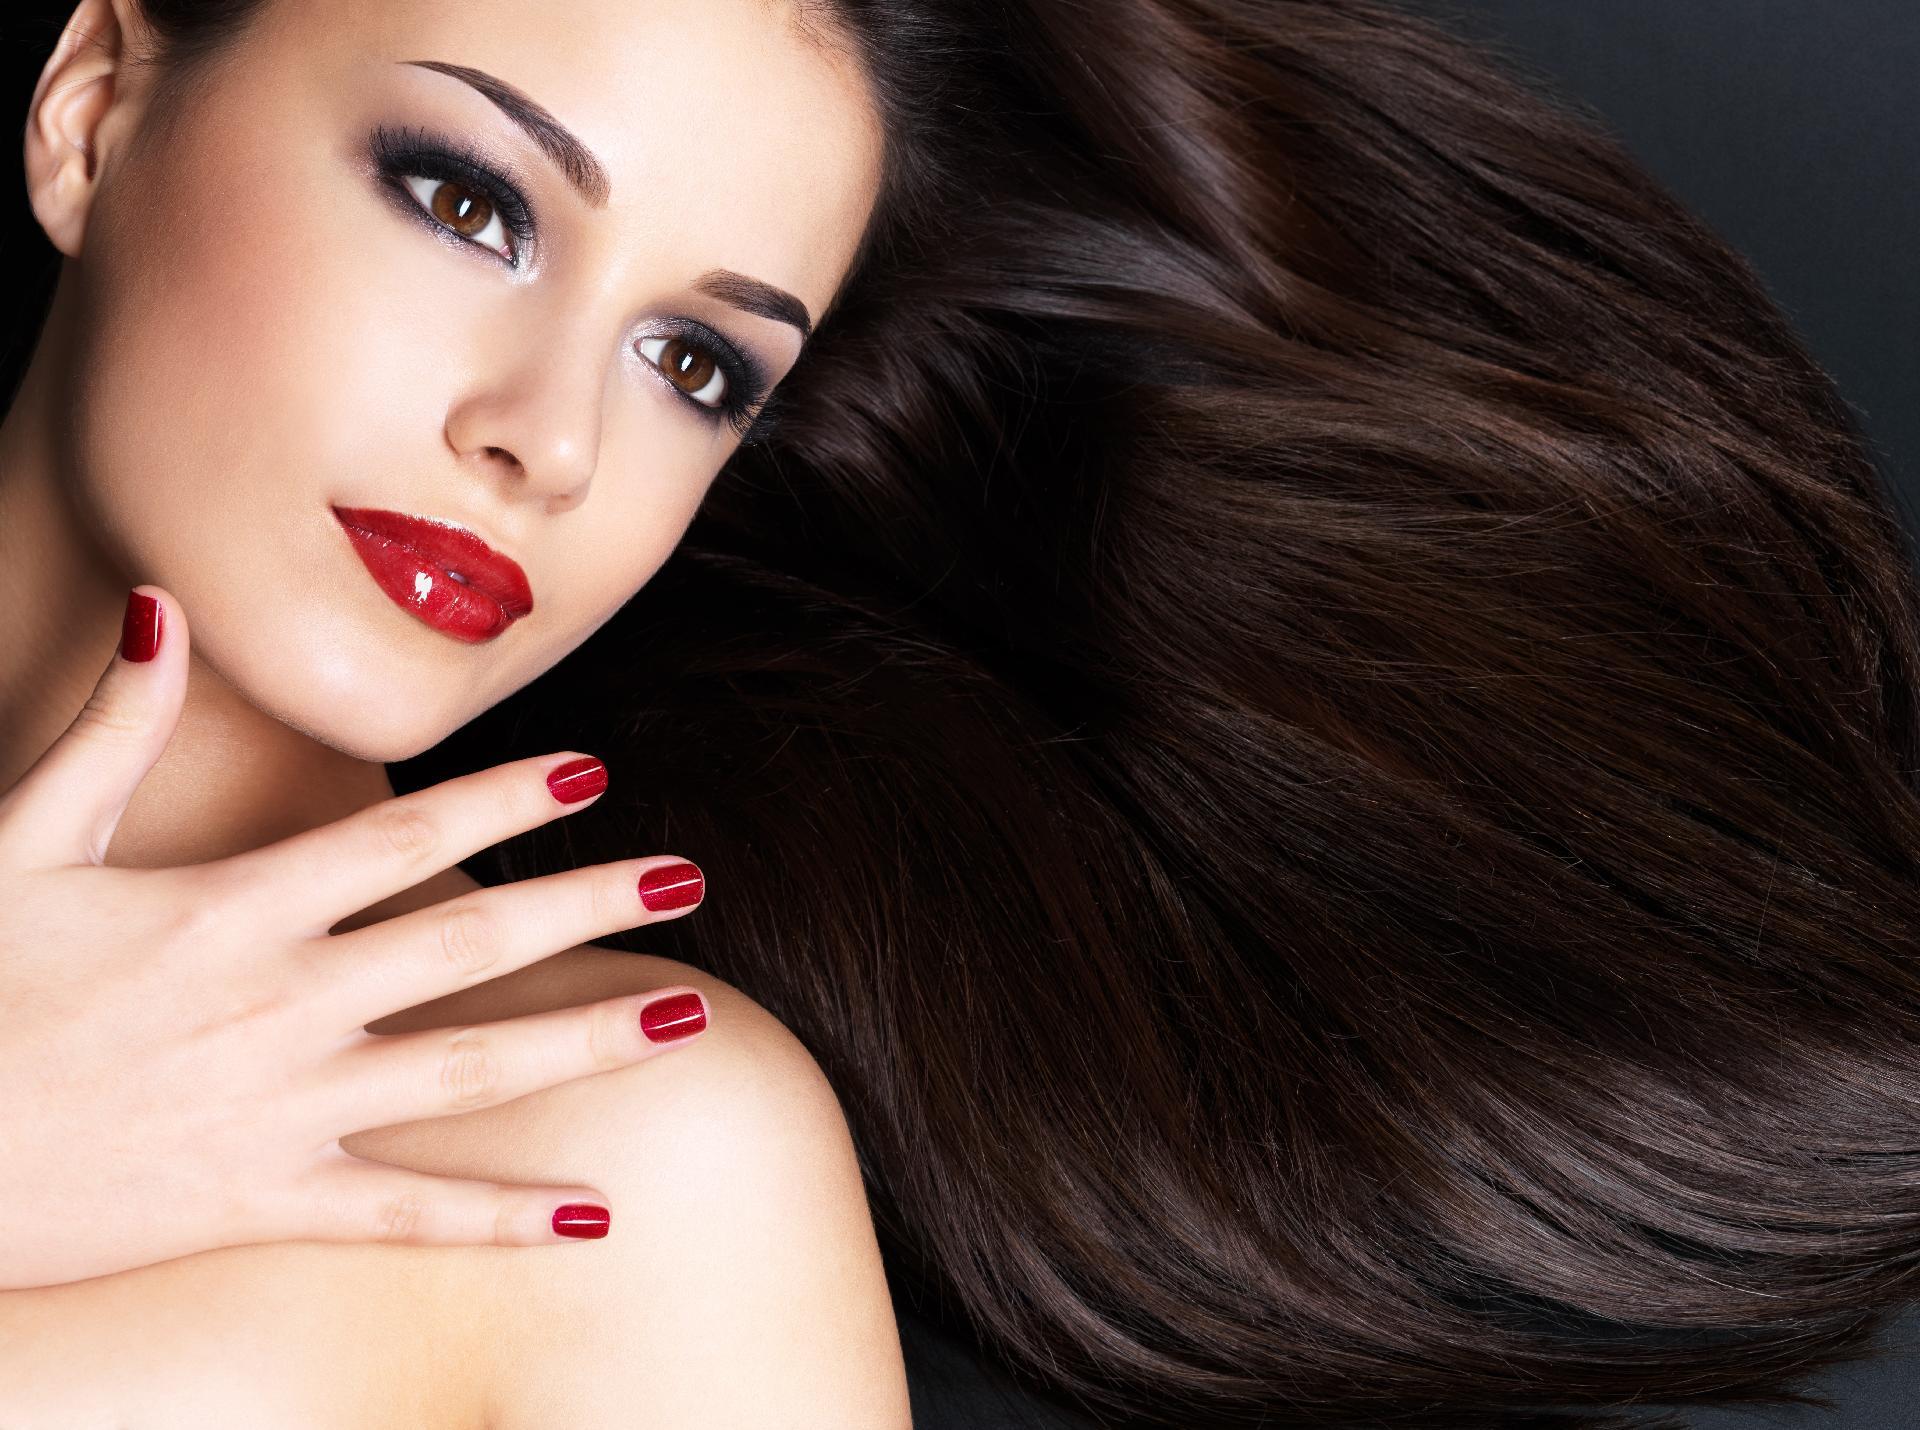 Витамины для красоты и здоровья волос и ногтей